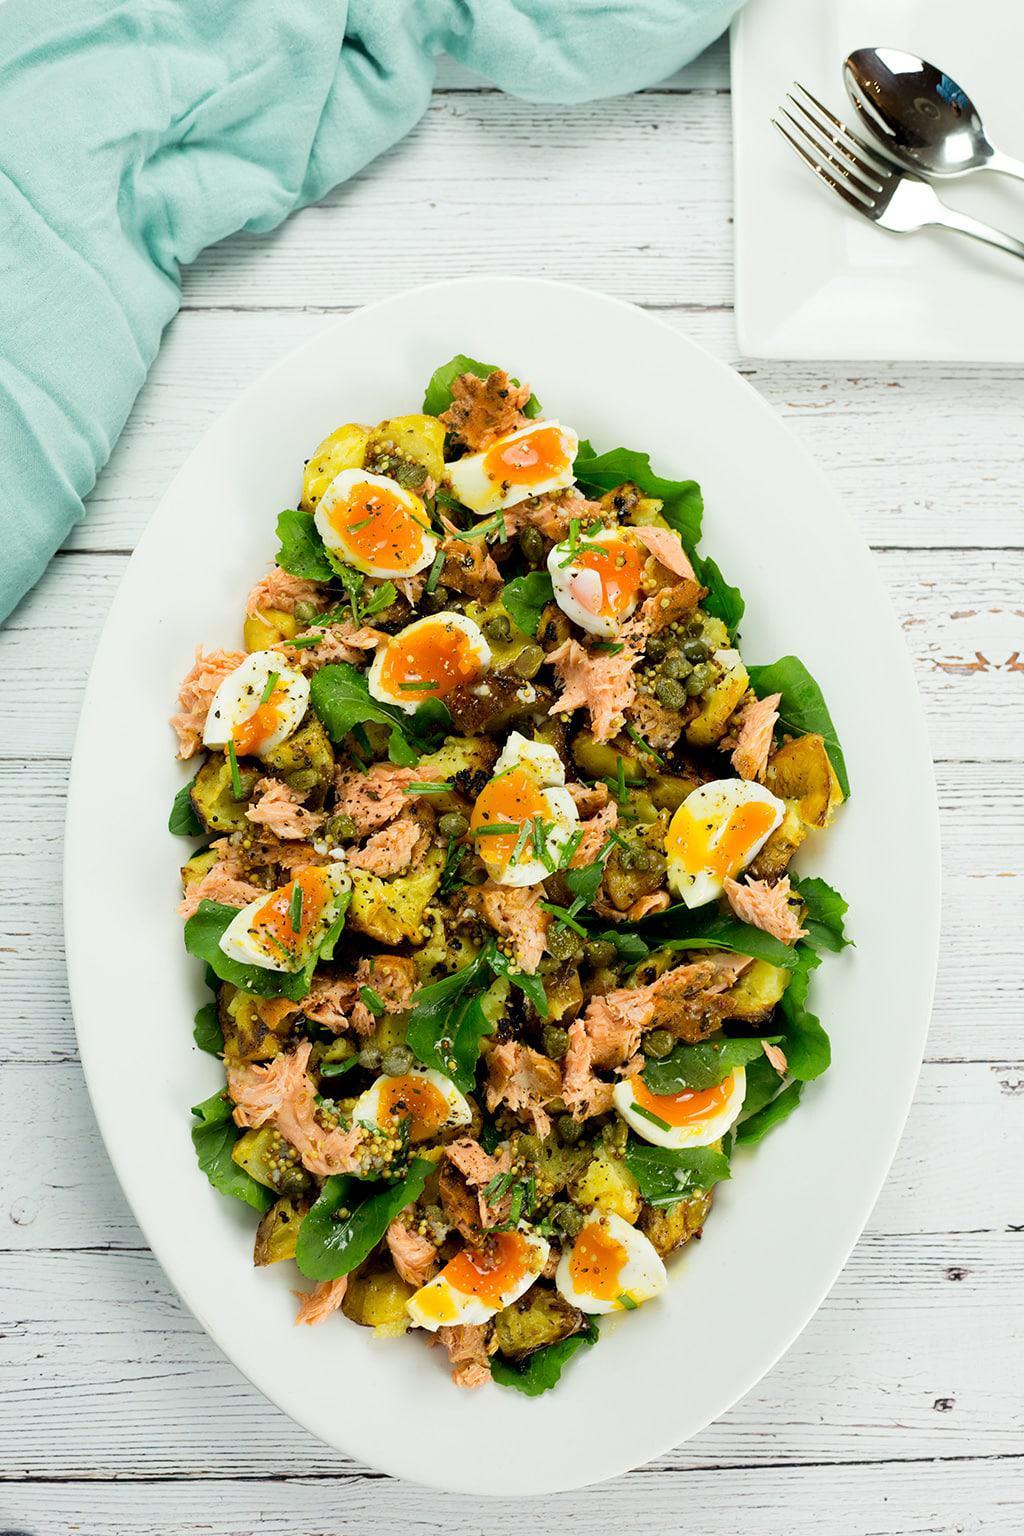 Hot Smoked Salmon Potato and Egg Salad